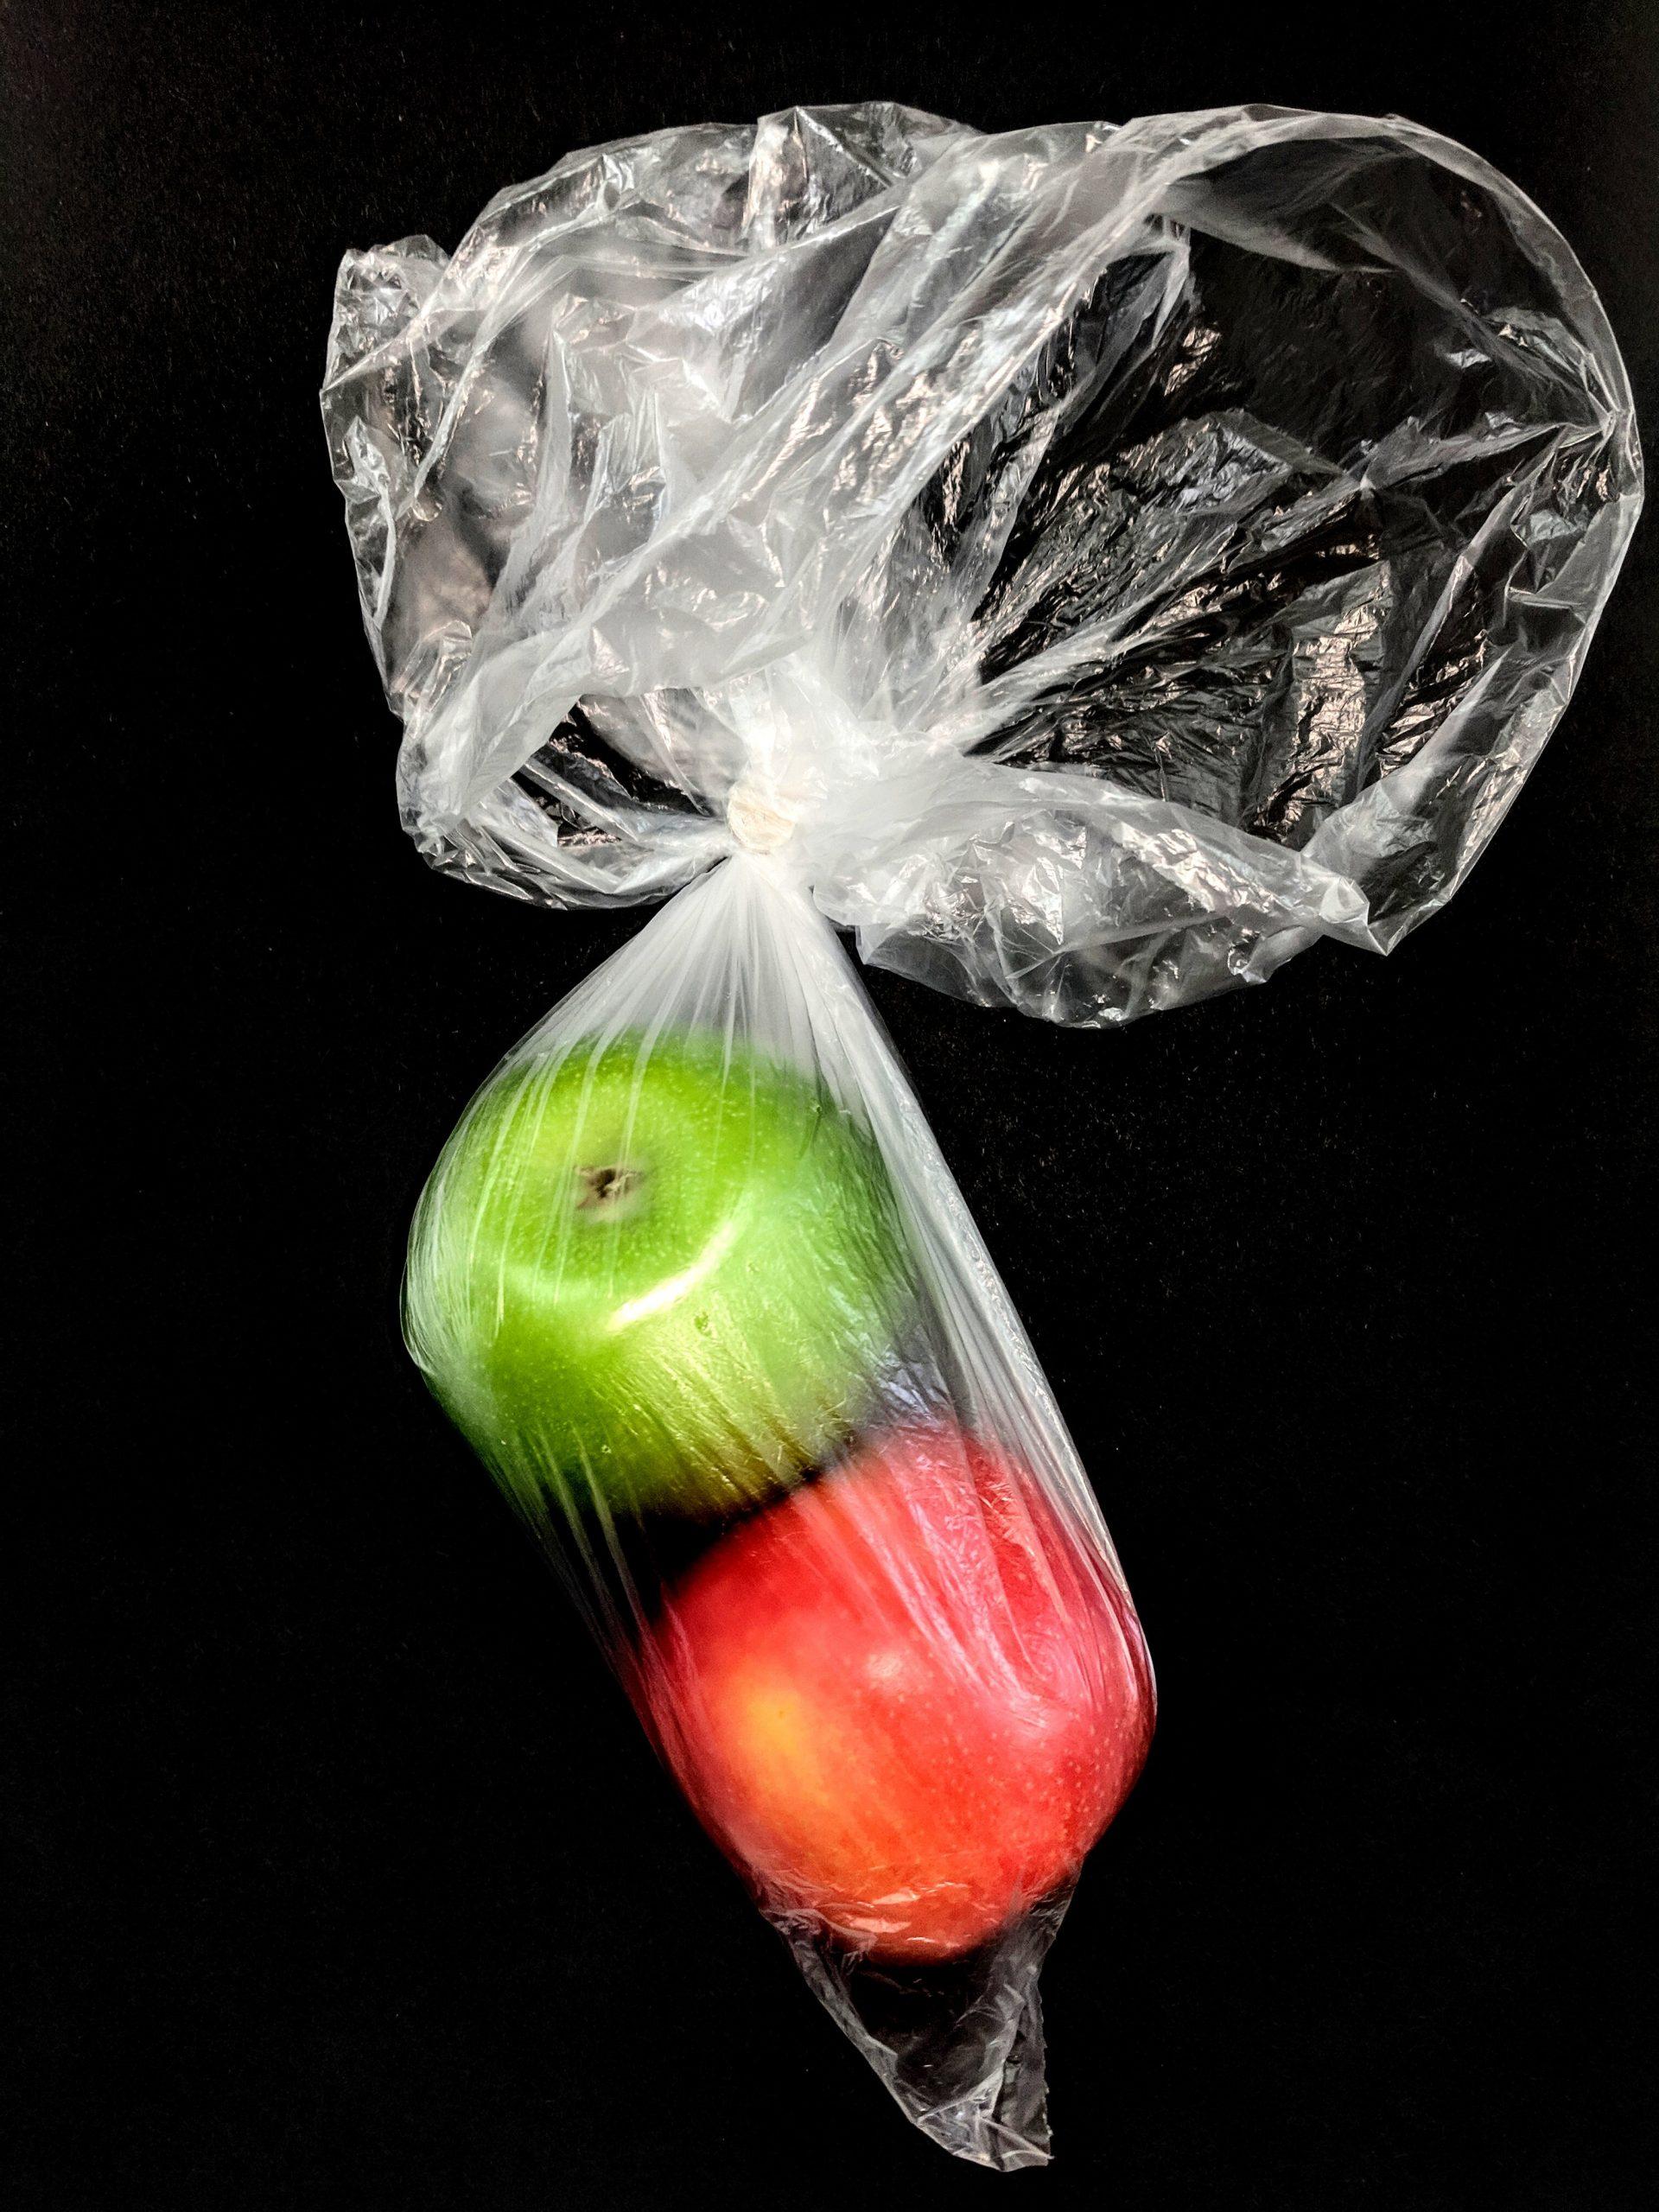 Plaster innehåller mjukgörande ftalater. Foto: Sophia Marston. Licens: Unsplash.com